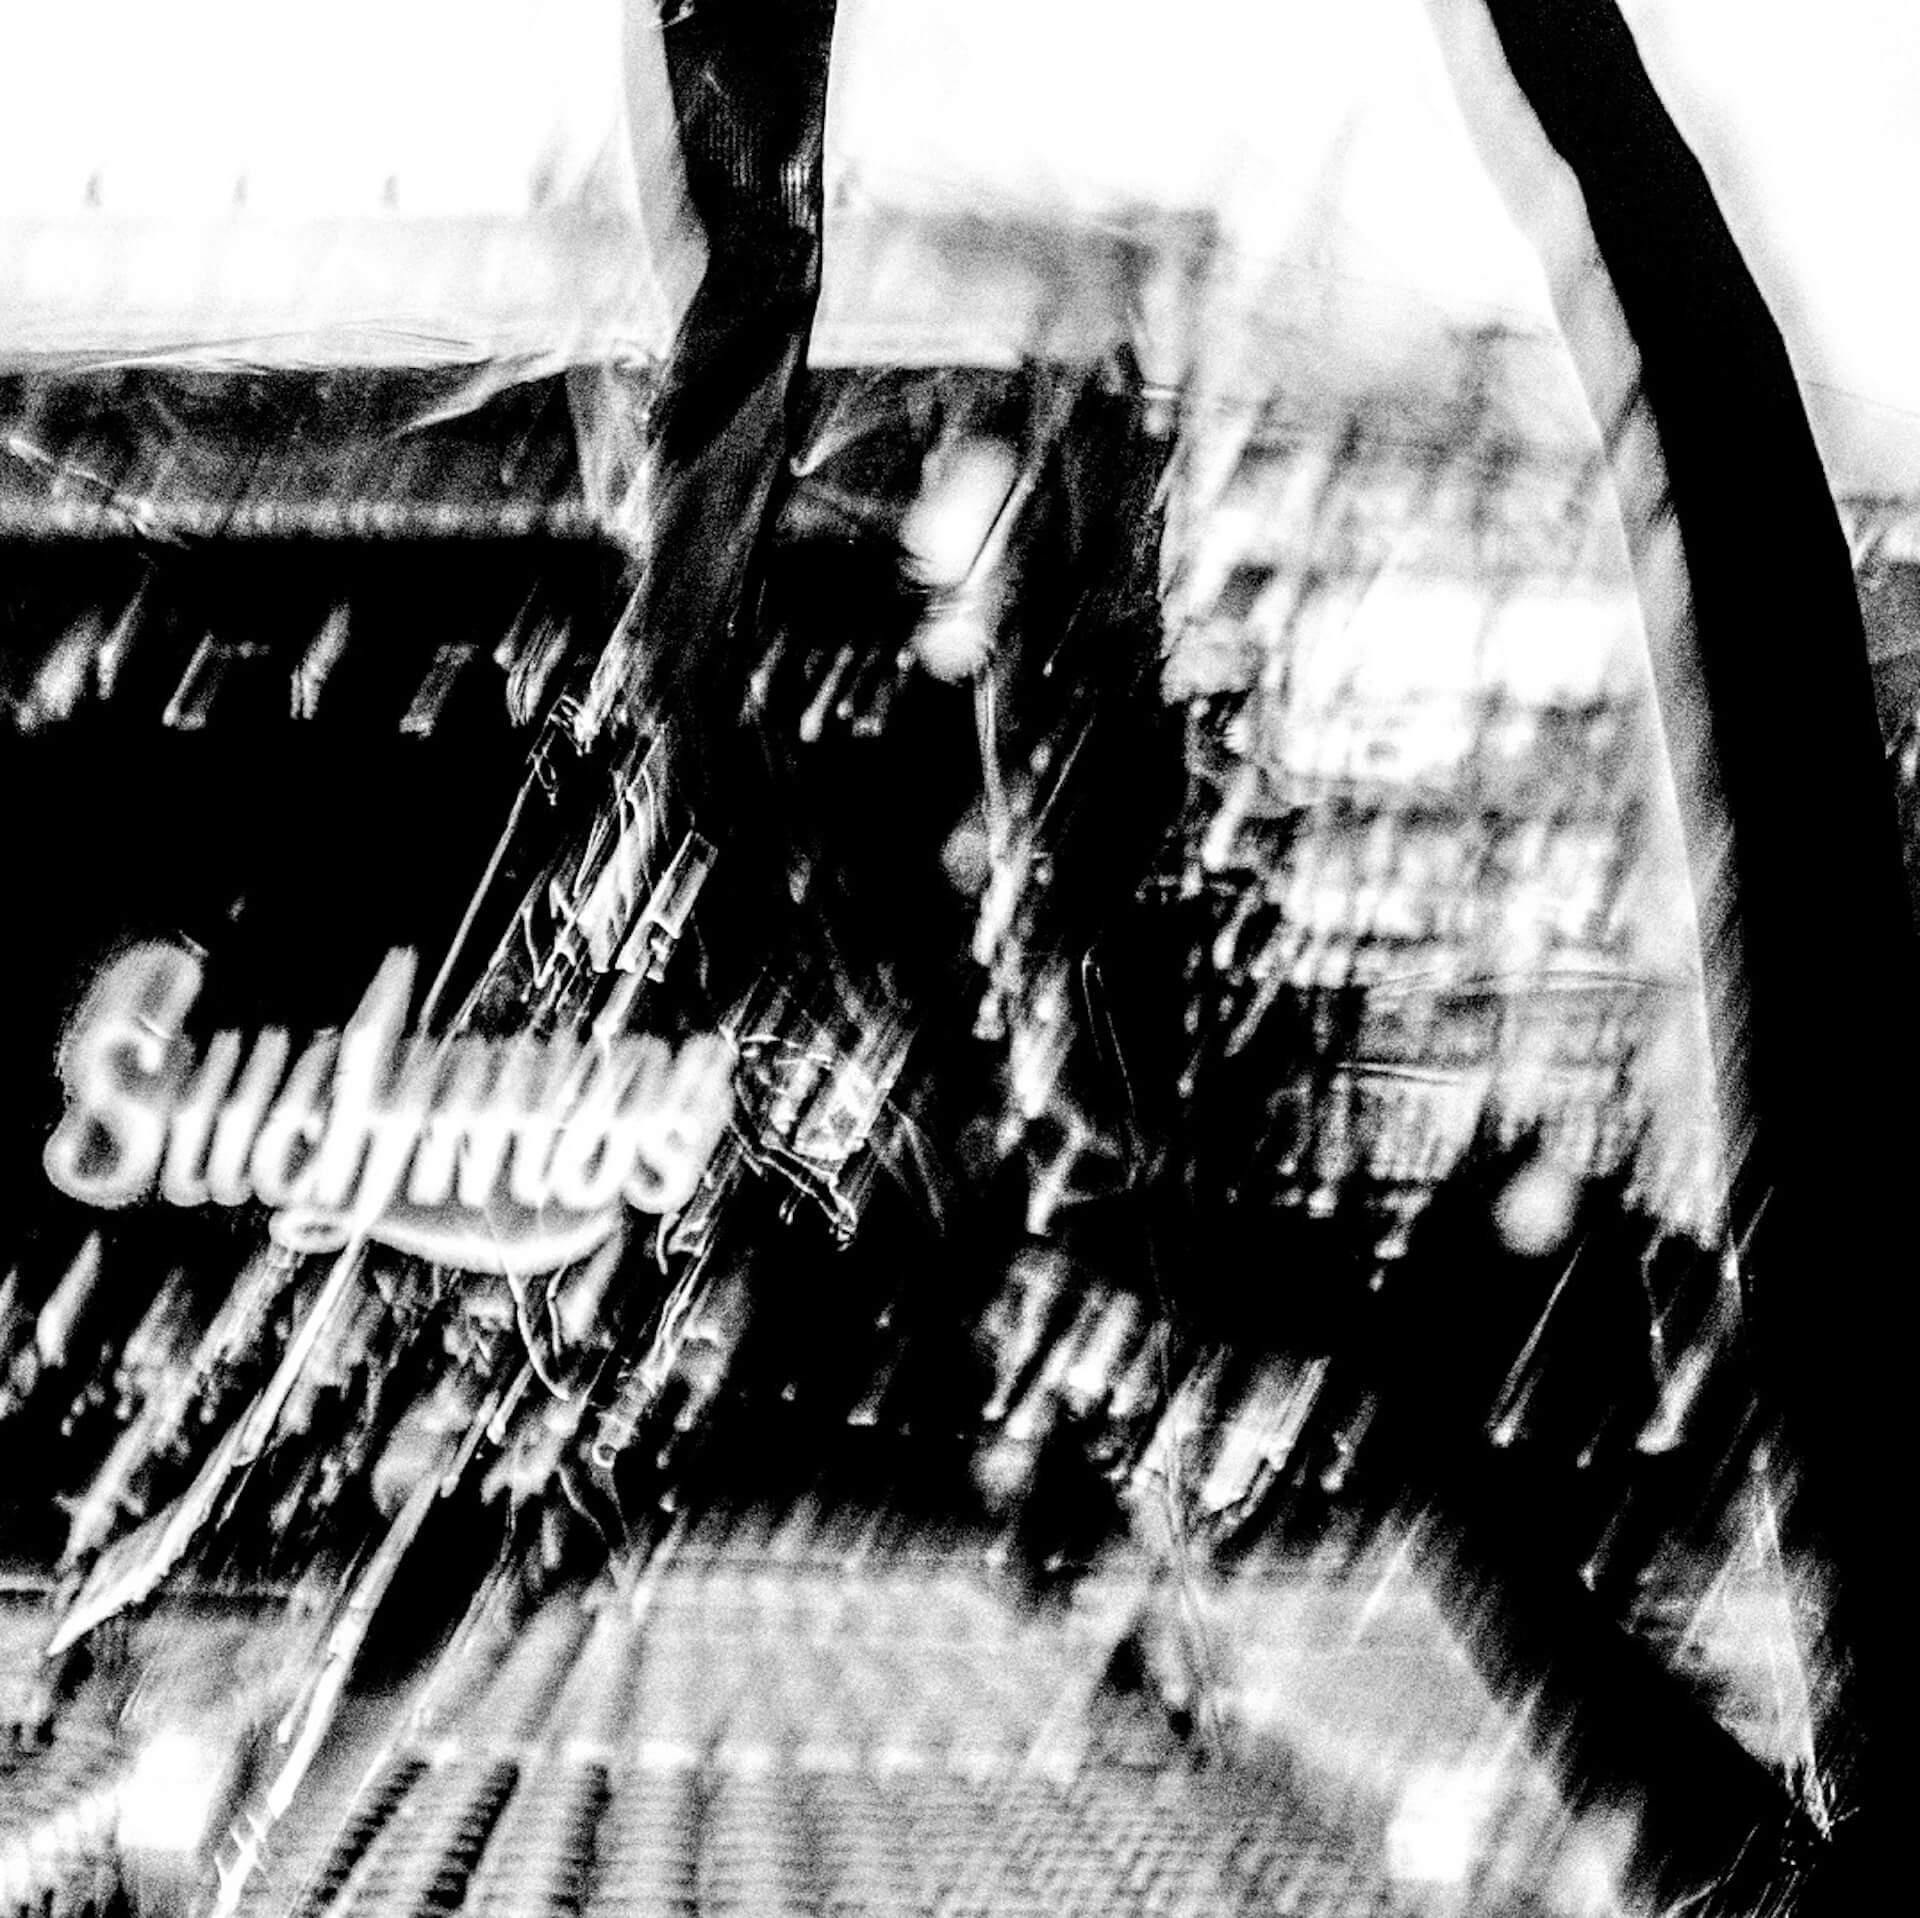 Suchmos、今週末生配信の<LIVEWIRE>ですべて新曲で構成したパフォーマンスを敢行!プレゼントが当たるTwitterキャンペーンも実施 music200716_suchmos_5